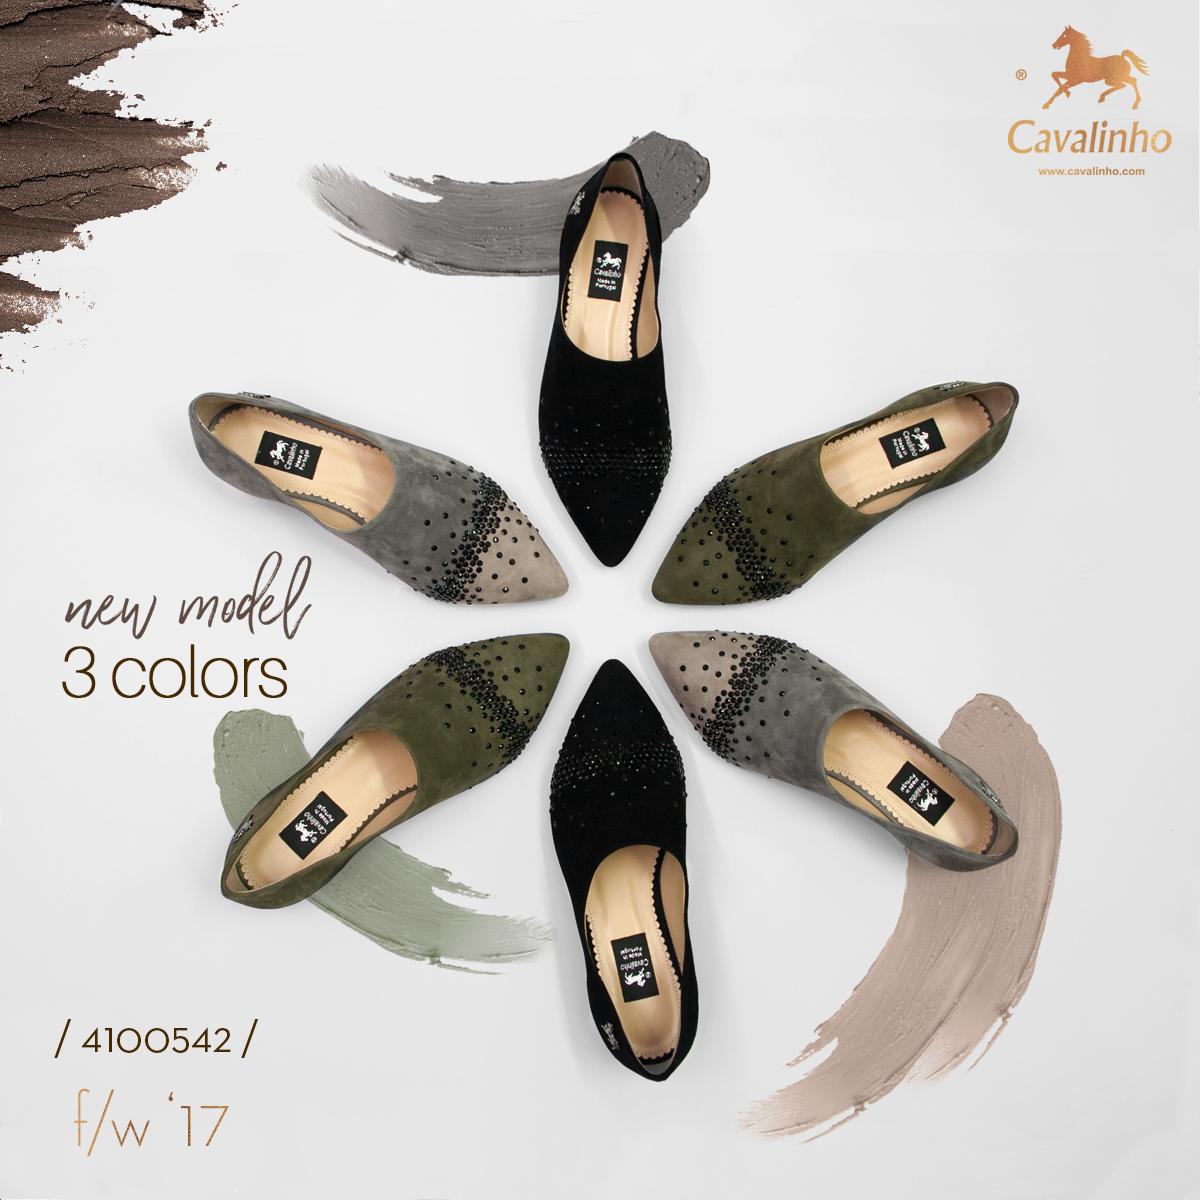 Nova Coleção Outono/Inverno 2017 Cavalinho - Sapatos de Mulhes